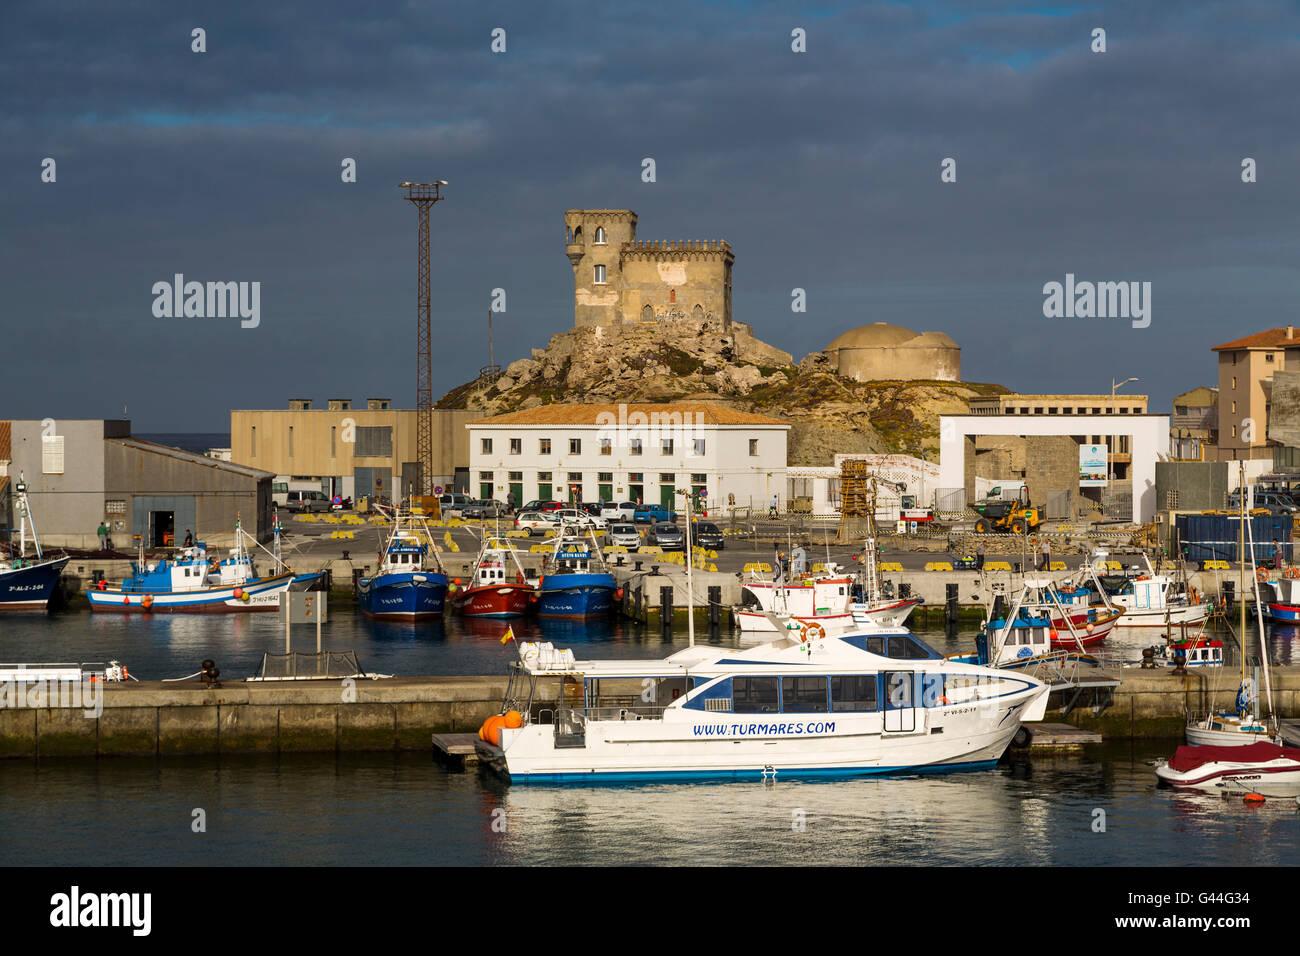 Boats in the fishing port of Tarifa, Costa de la Luz, Cadiz province, Andalusia, Spain Europe Stock Photo